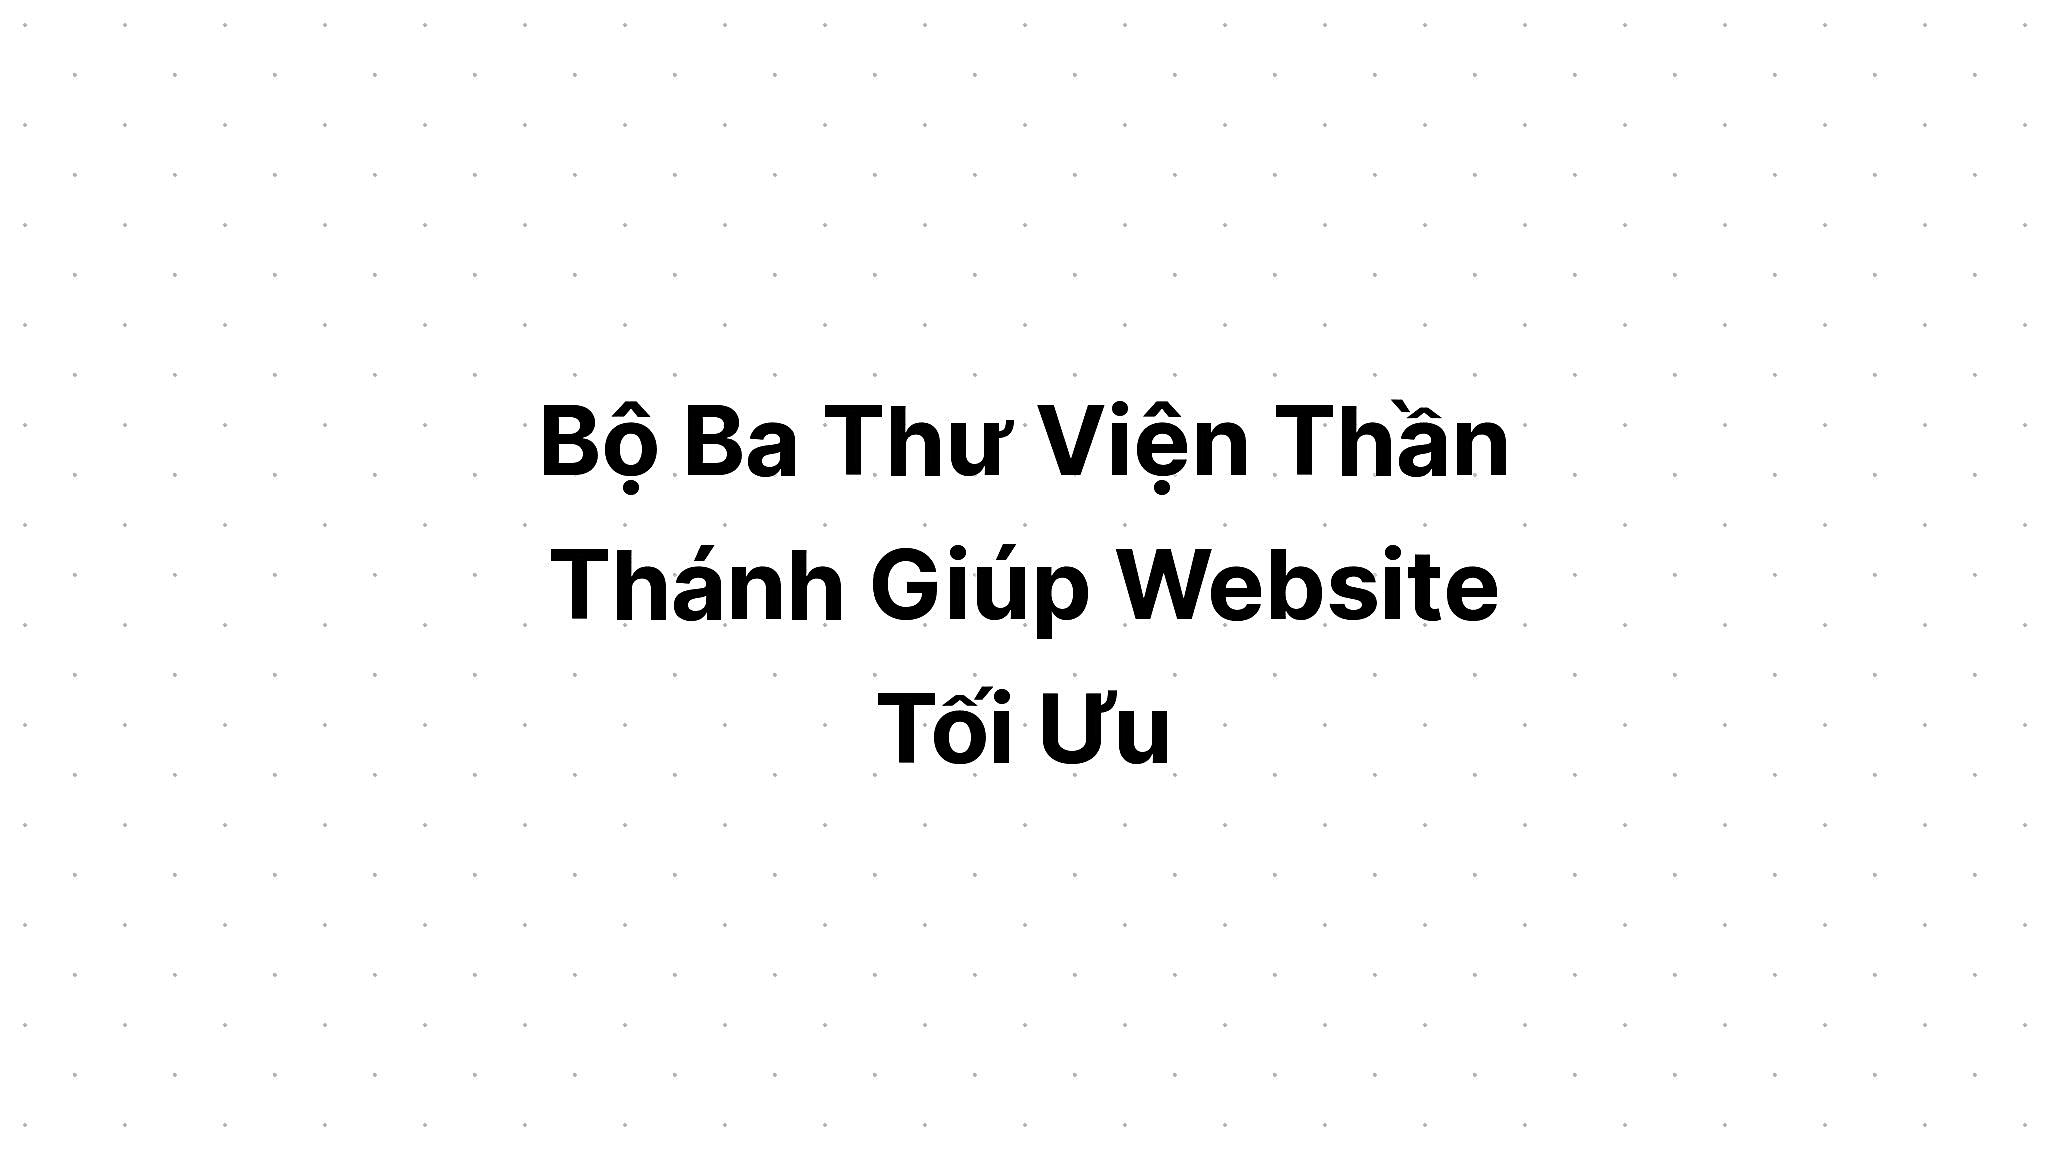 Bộ Ba Thư Viện Thần Thánh Giúp Website Tối Ưu